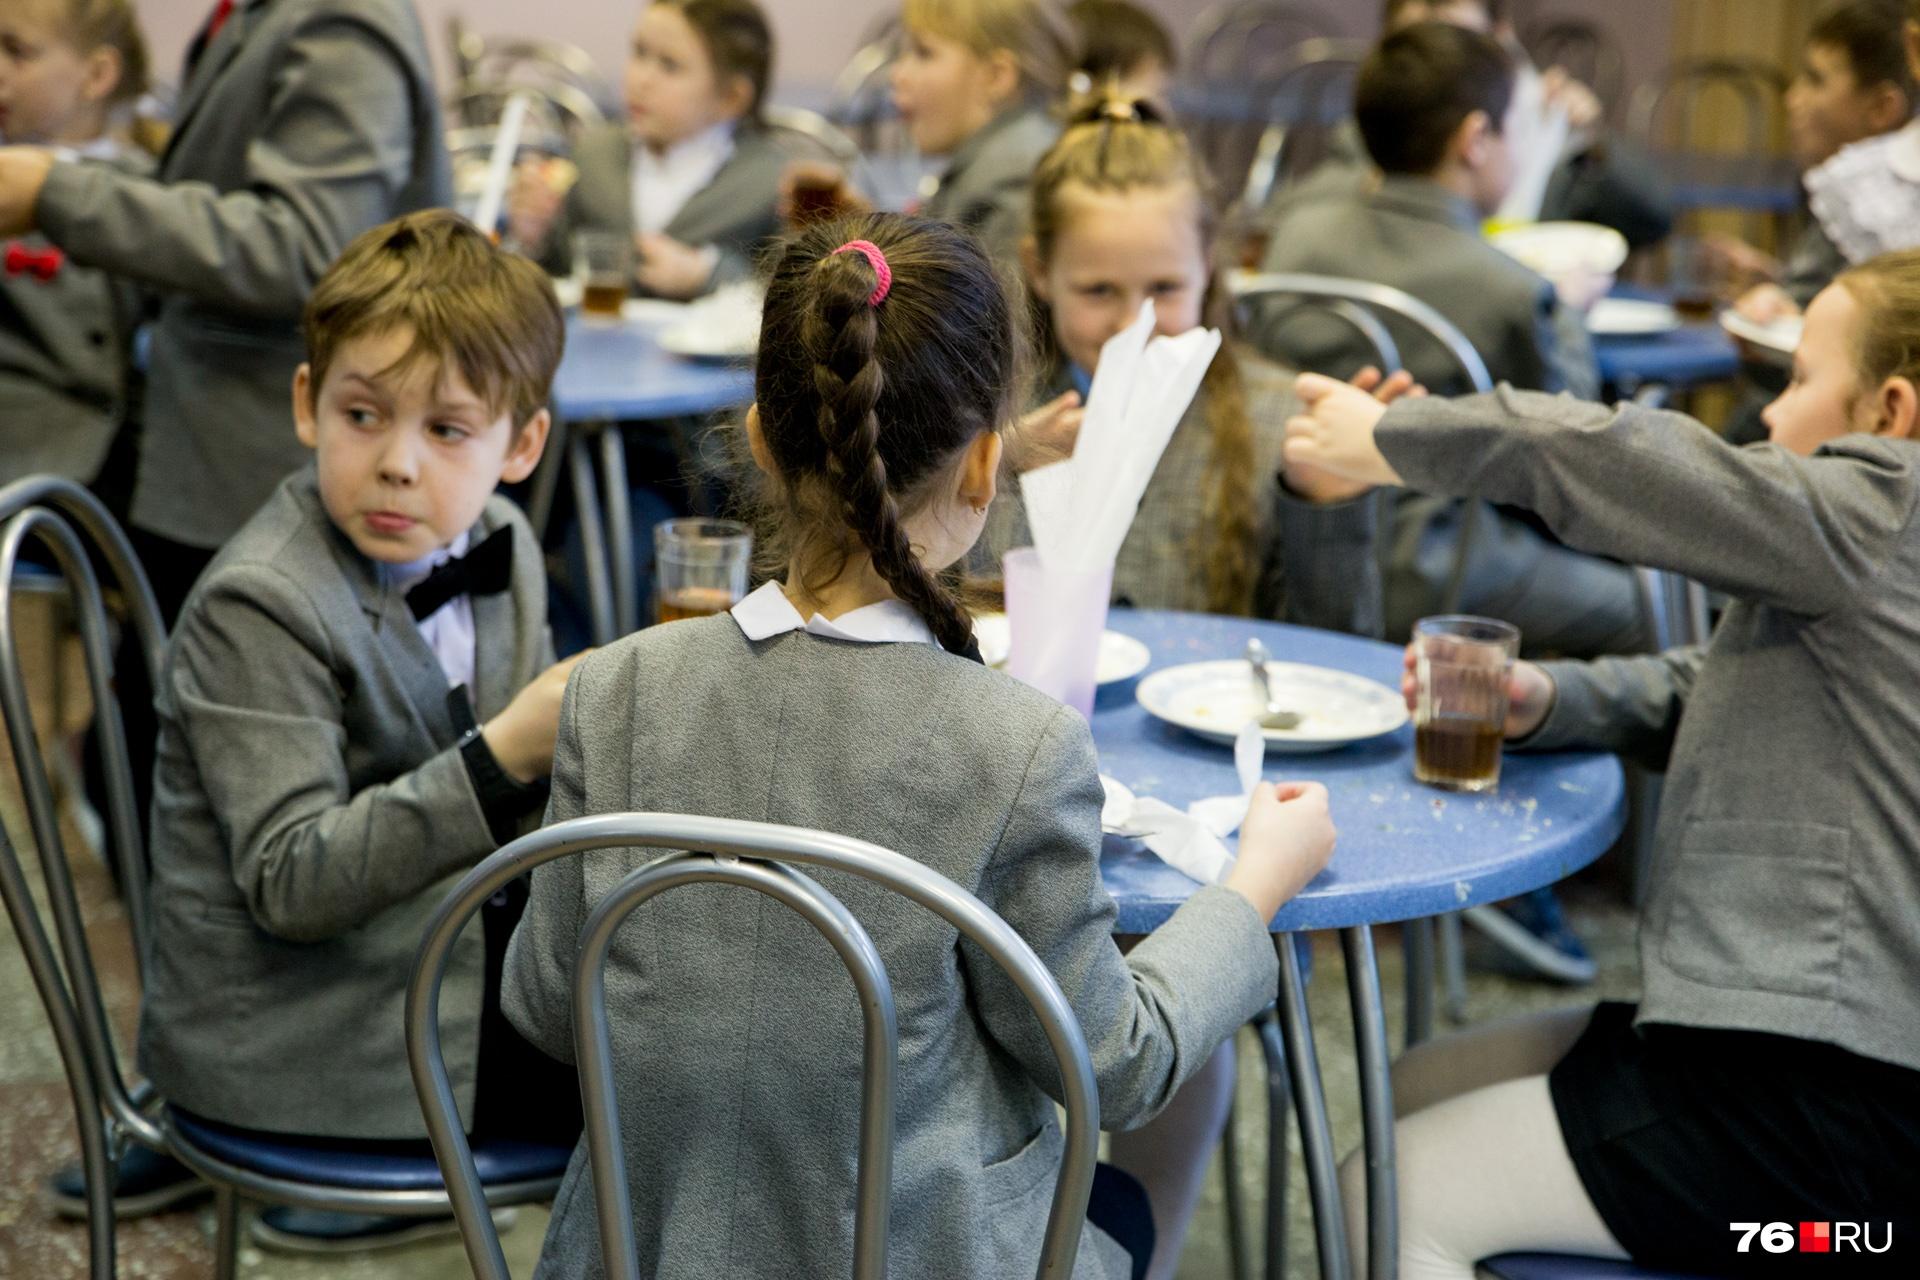 Из 24 тысяч льготников собрали все документы на получение льгот только родители 2,6 тысячи школьников